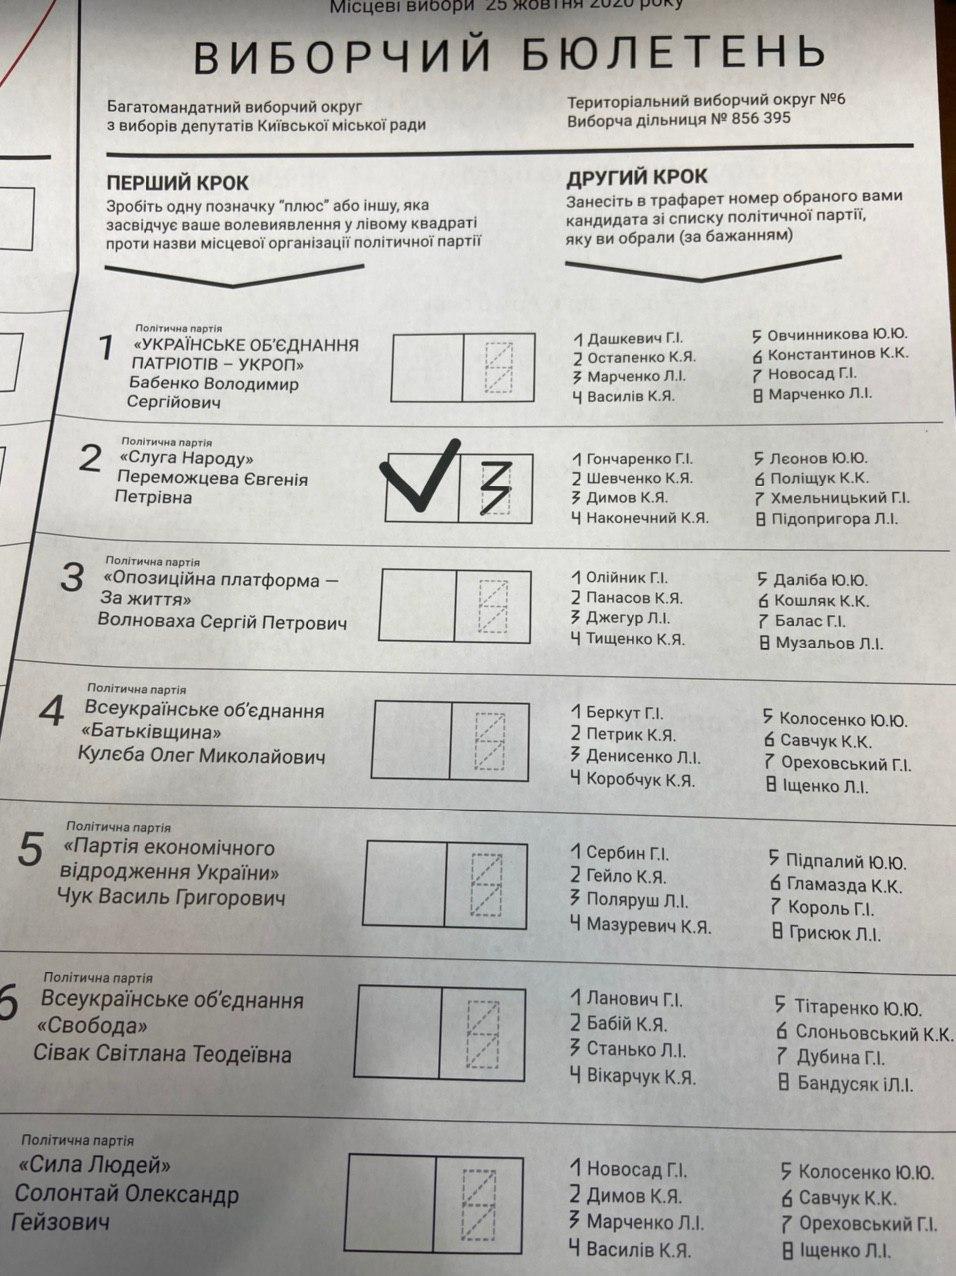 Так будет выглядеть бюллетень на выборах 25 октября